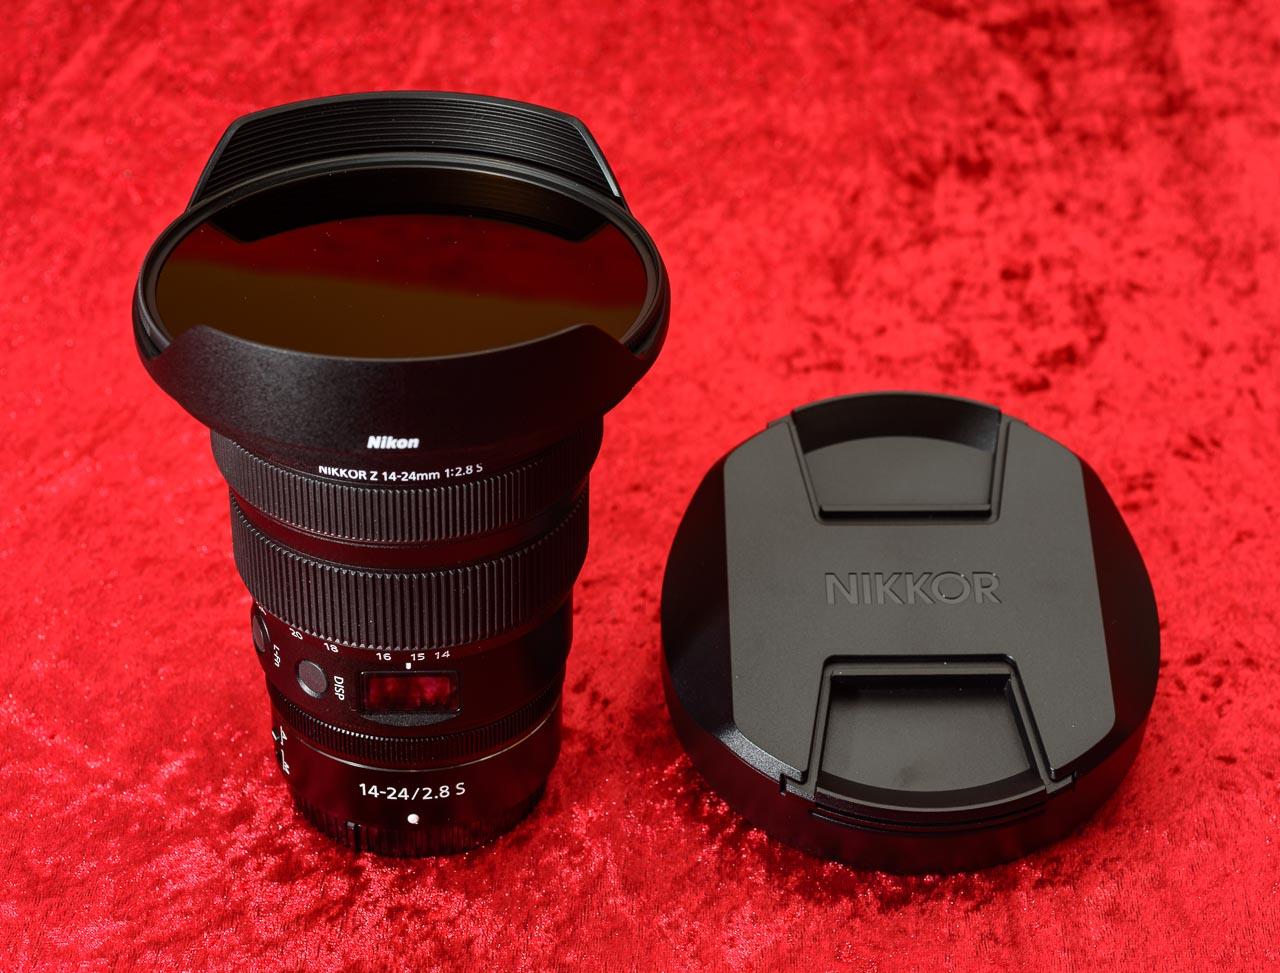 Das Nikkor Z 14-24mm f/2,8 S ist das zweite Ultra-Weitwinkelobjektiv im Sortiment des spiegellosen Z-Systems von Nikon, hier mit eingeschraubtem Filter in der Spezial-Gegenlichtblende. Rechts daneben ist der Schutzdeckel für diese Kombination zu sehen.